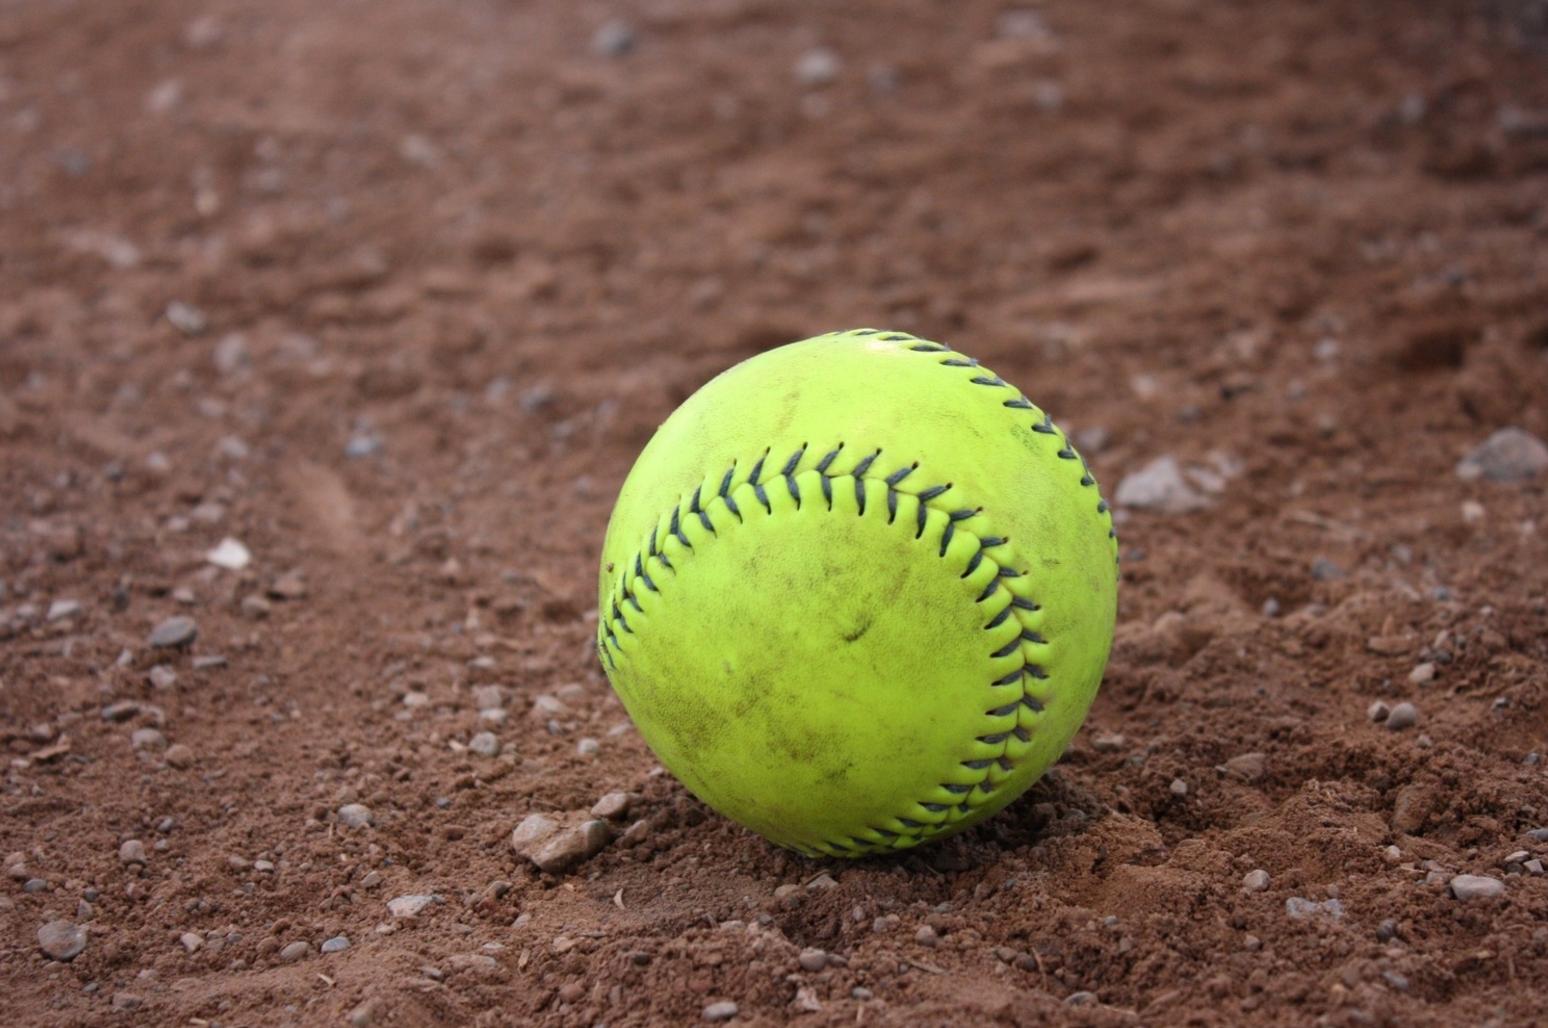 元日ハム打撃投手が語るプロ野球の「バッティングピッチャー」って実は大変なんです!